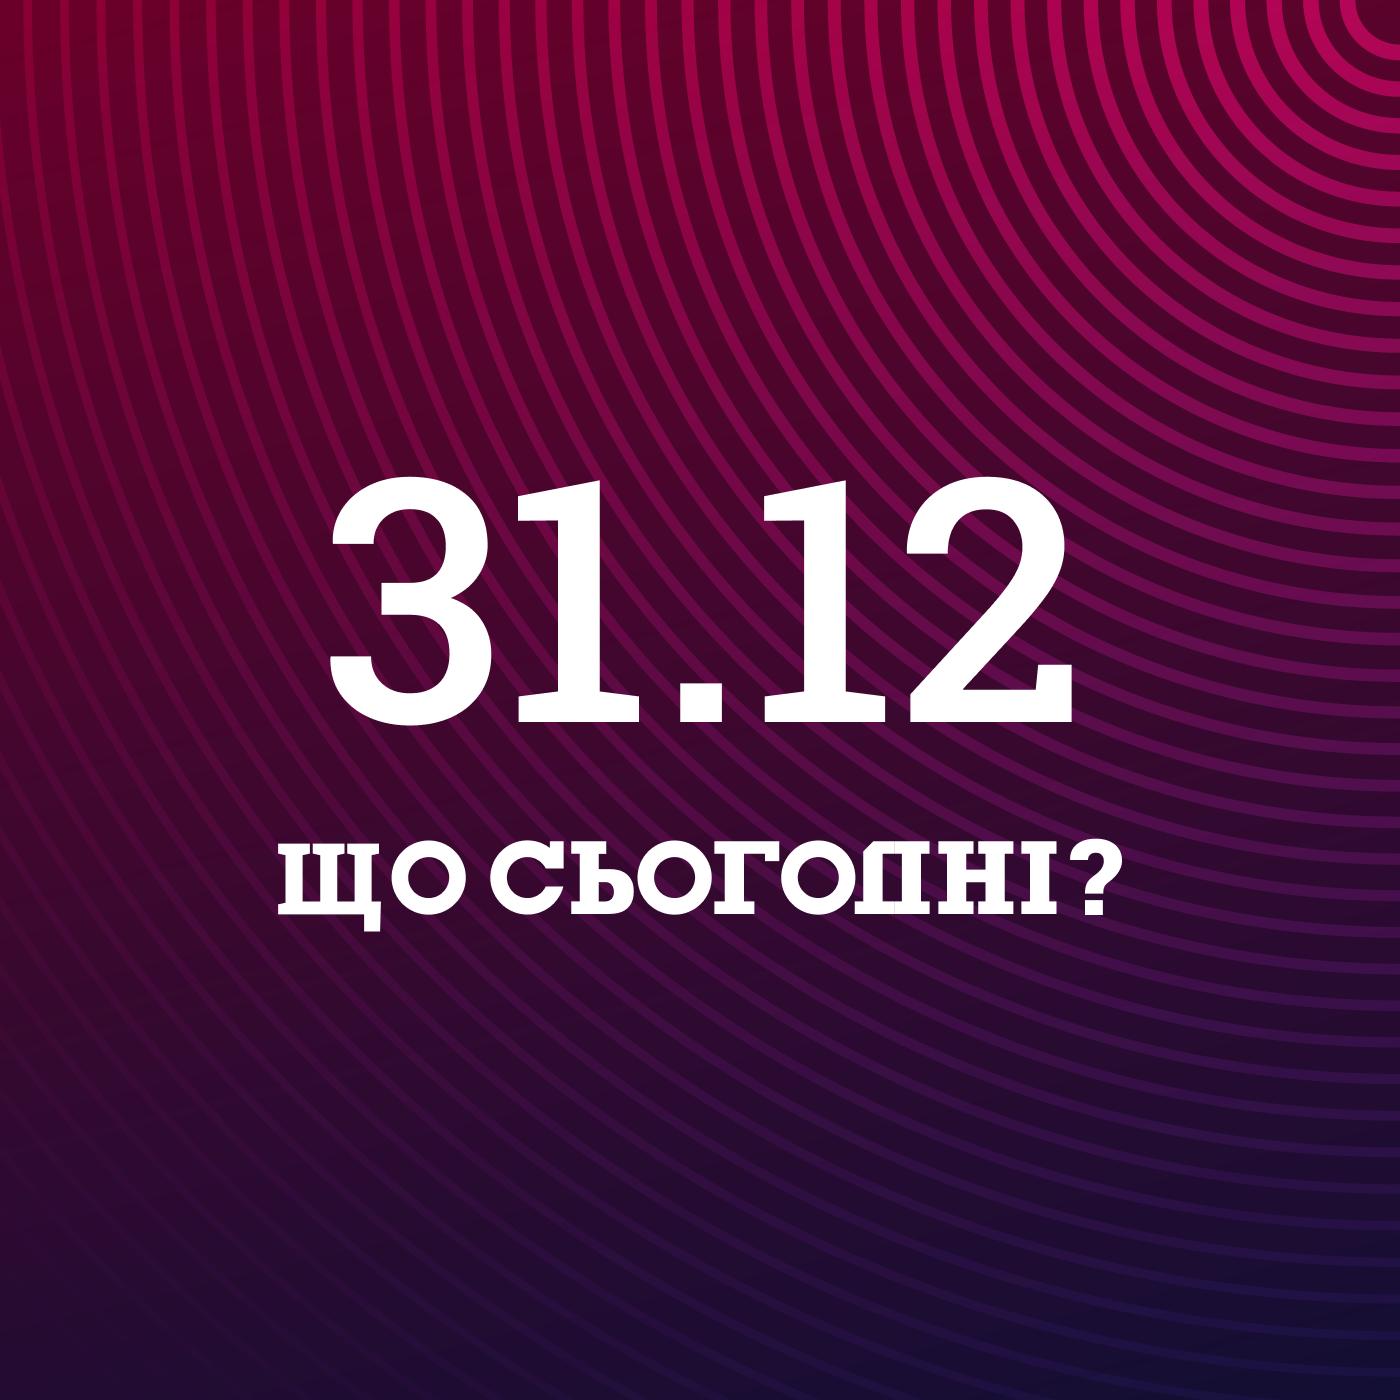 Що сьогодні: розбираємося з прогнозами на 2021, вітаємо слухачів з Новим роком